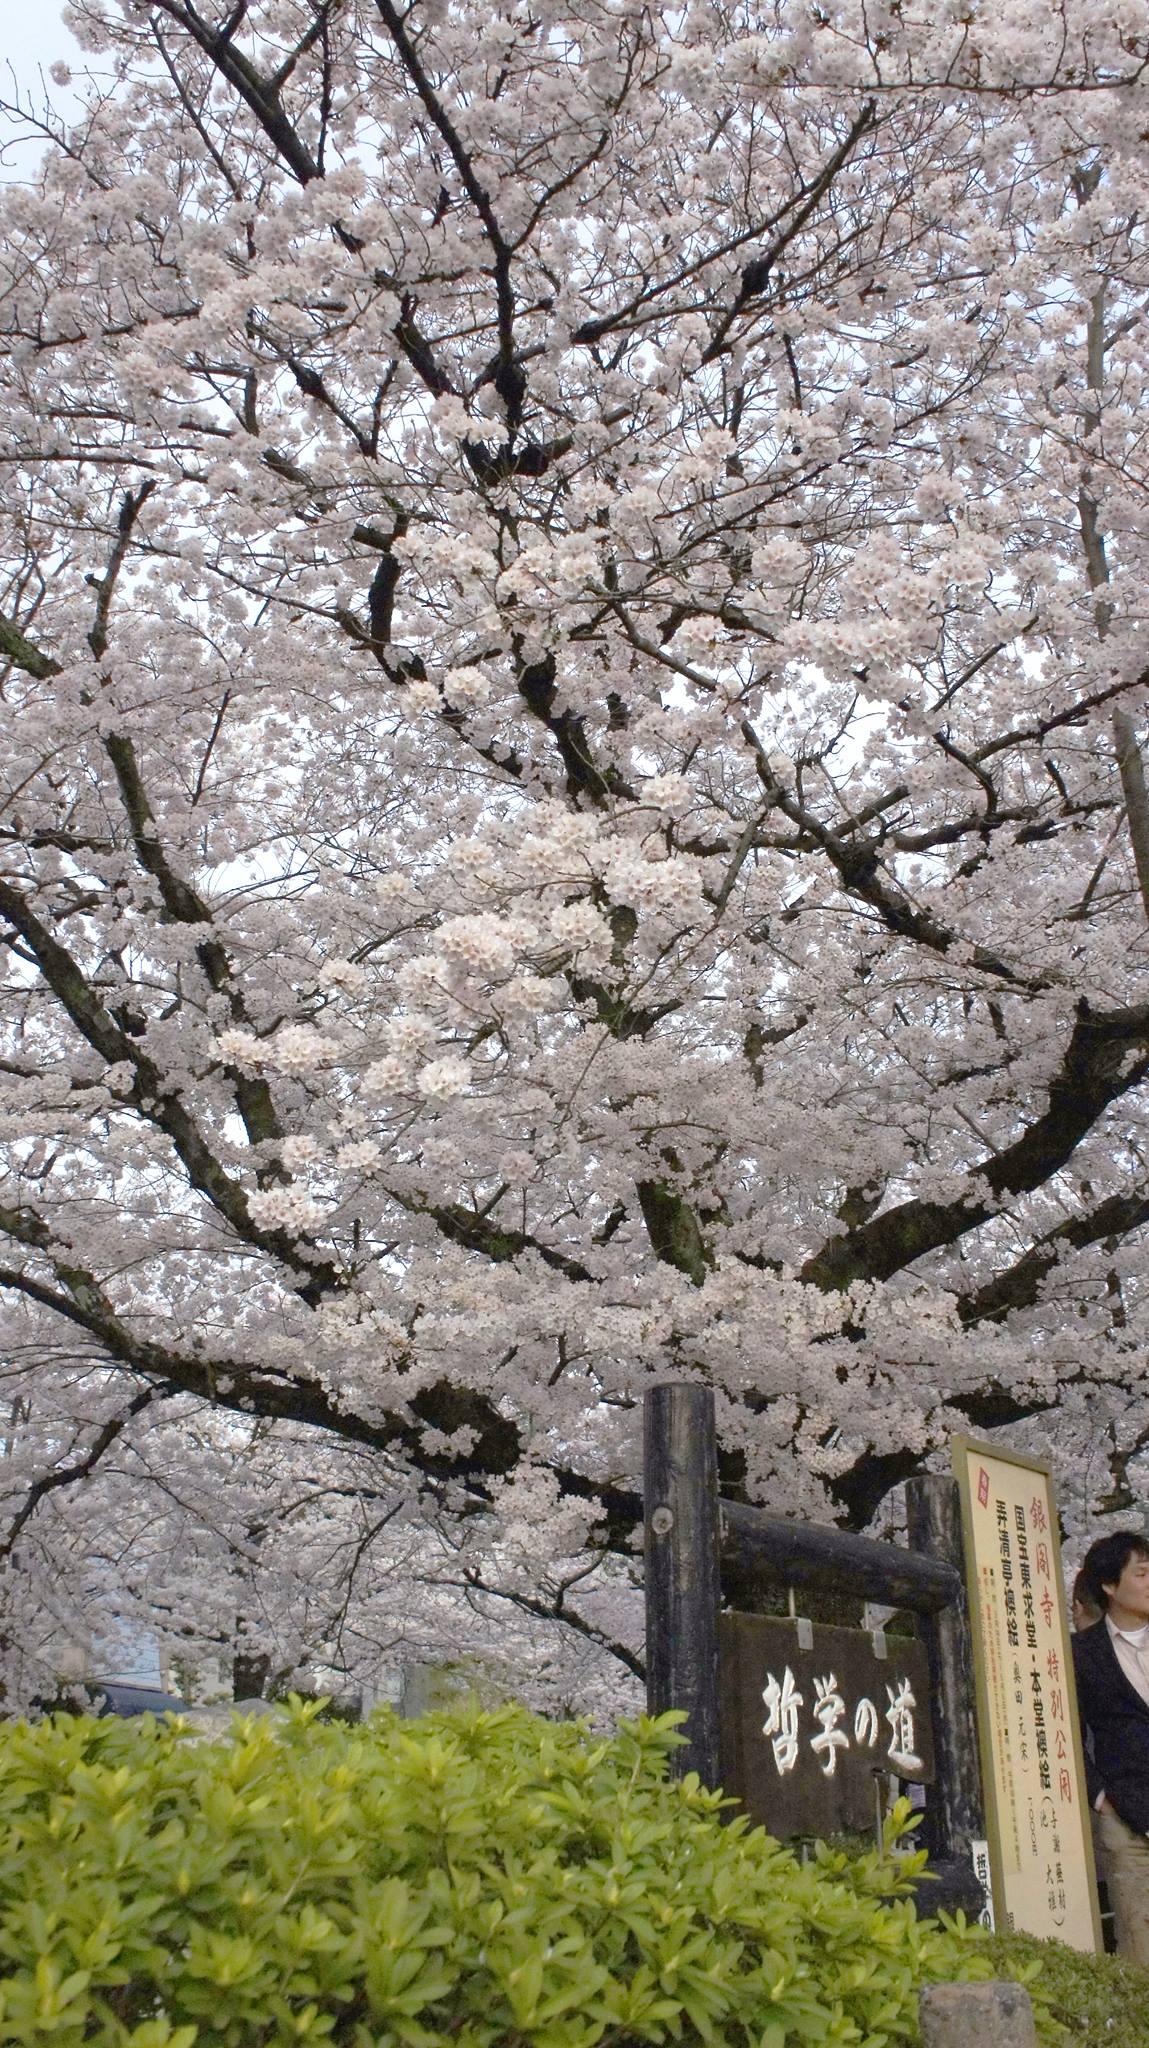 ngắm hoa anh đào tại con đường hiền triết